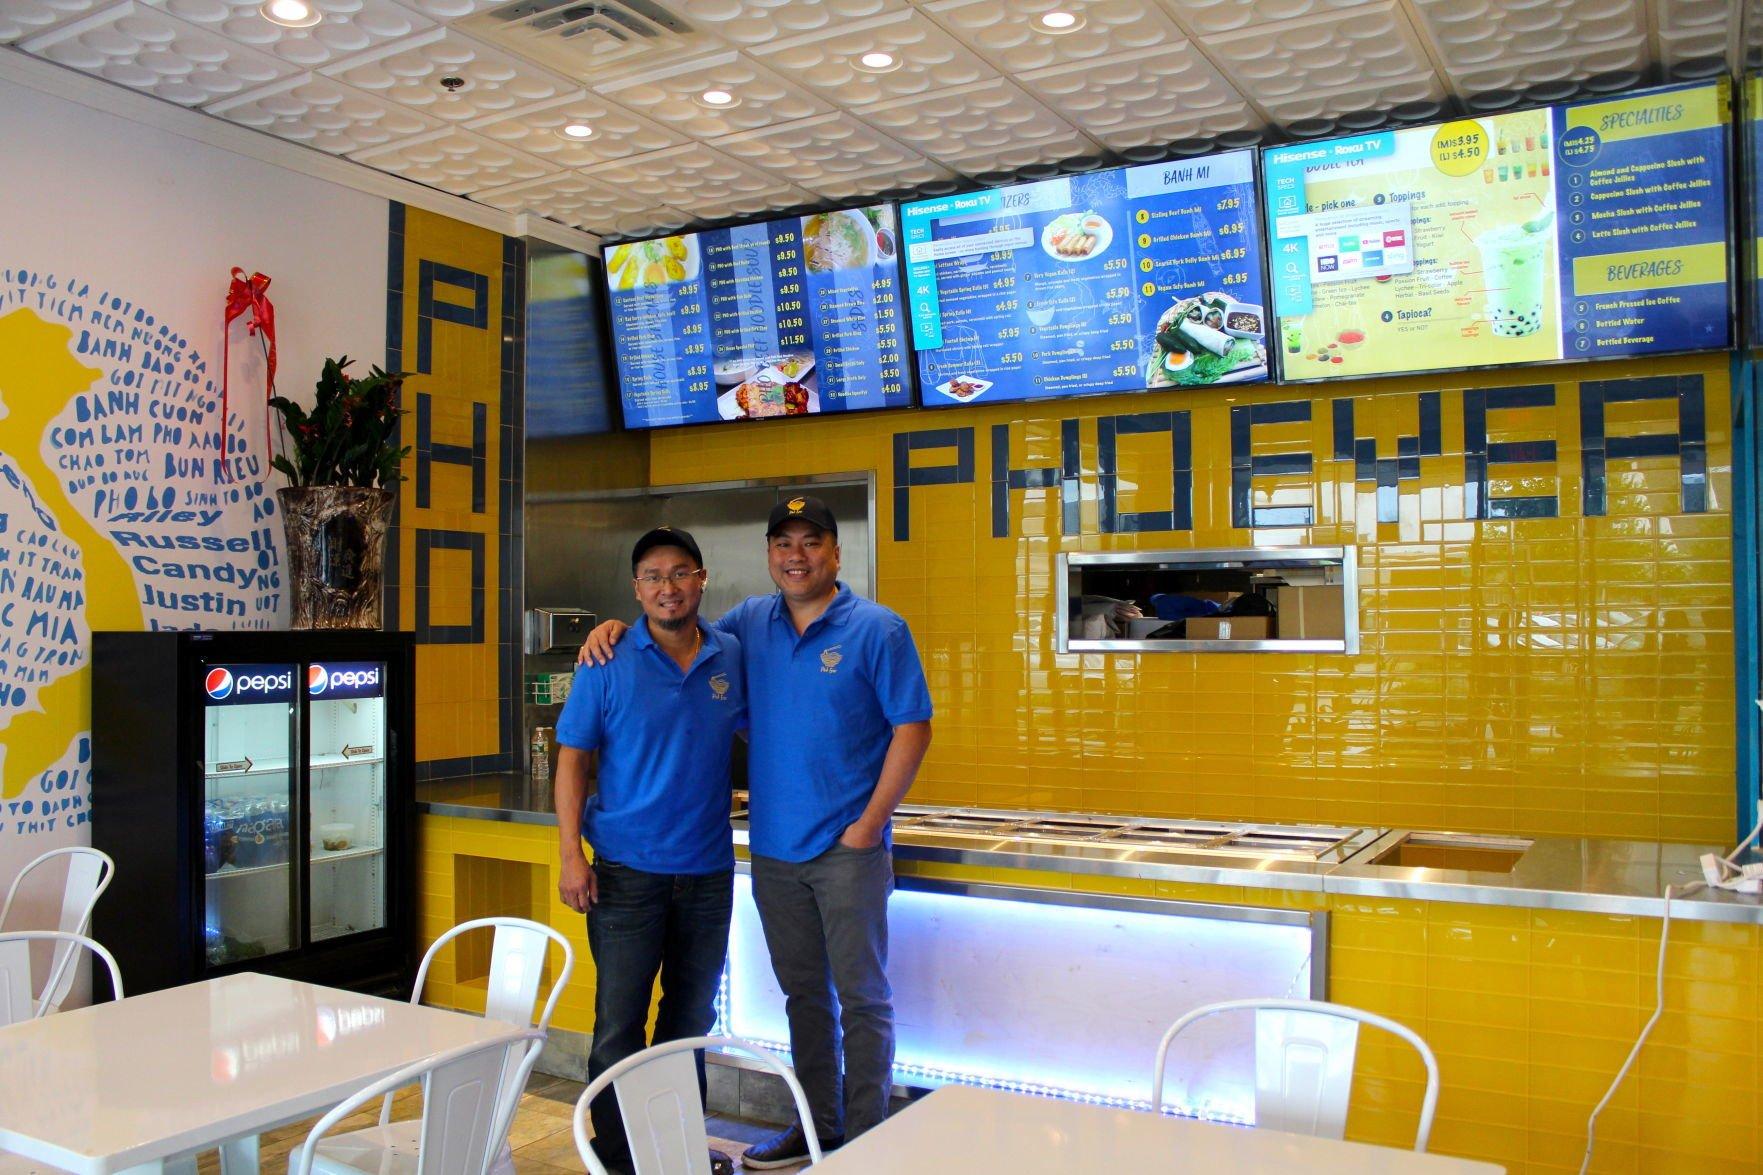 Vietnamese eatery Pho Ever to open in Newark Shopping Center | Newark Post